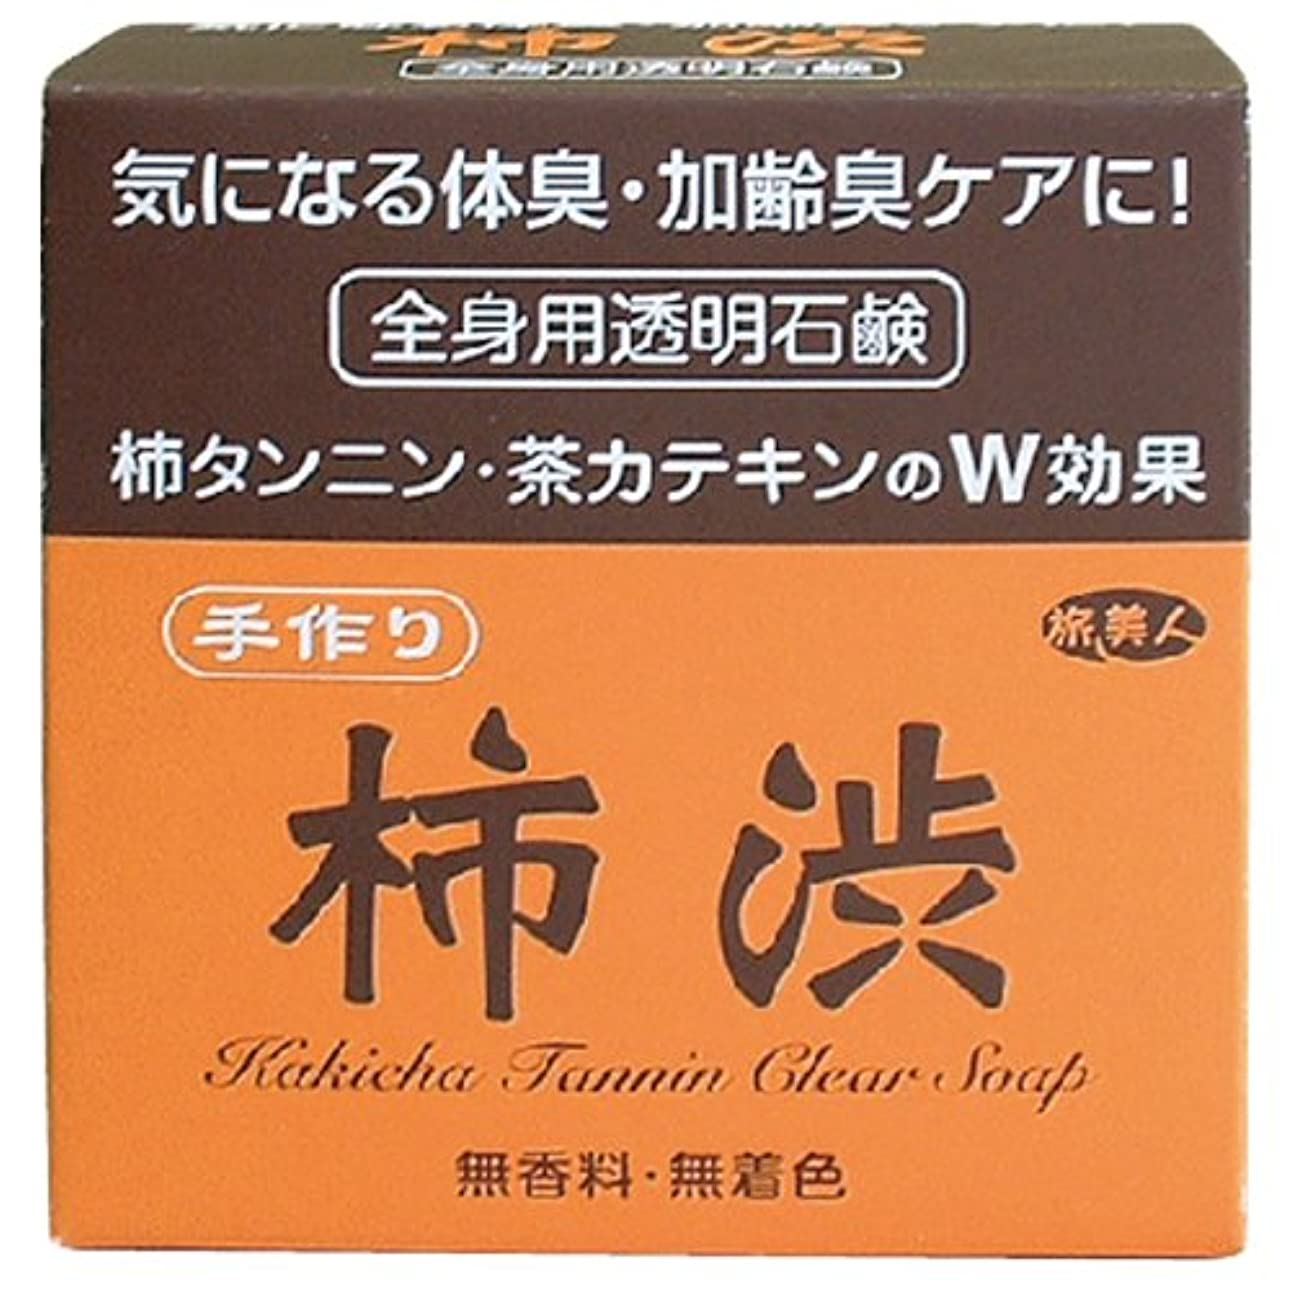 モニカ浪費牛気になる体臭?加齢臭ケアに アズマ商事の手作り柿渋透明石鹸